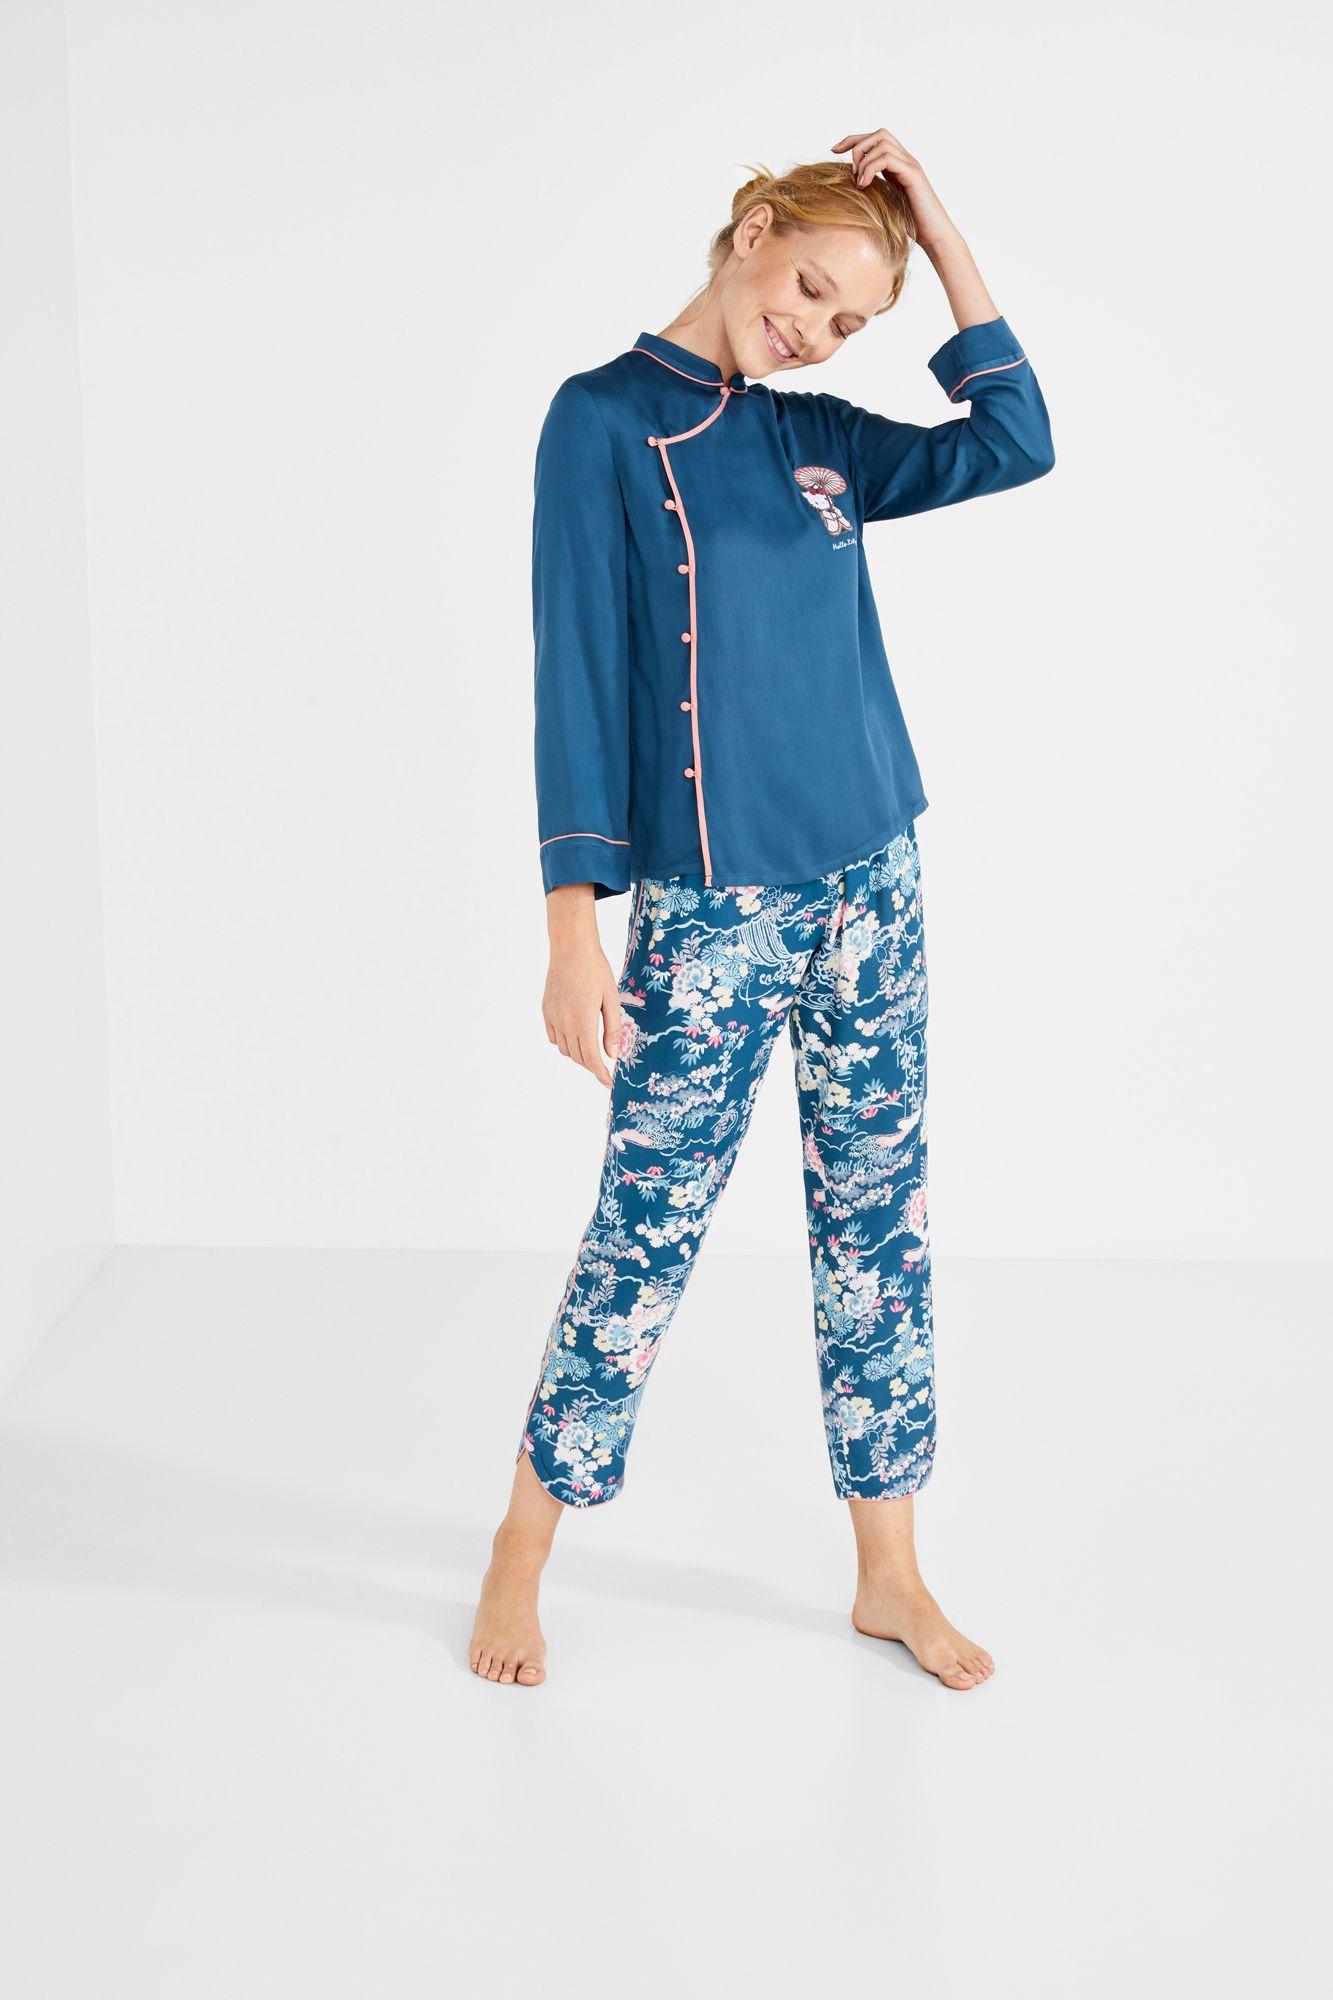 9c6eb552a Conjunto de pijama capri con camiseta estilo oriental con bordado de Hello  Kitty y pantalón estampado